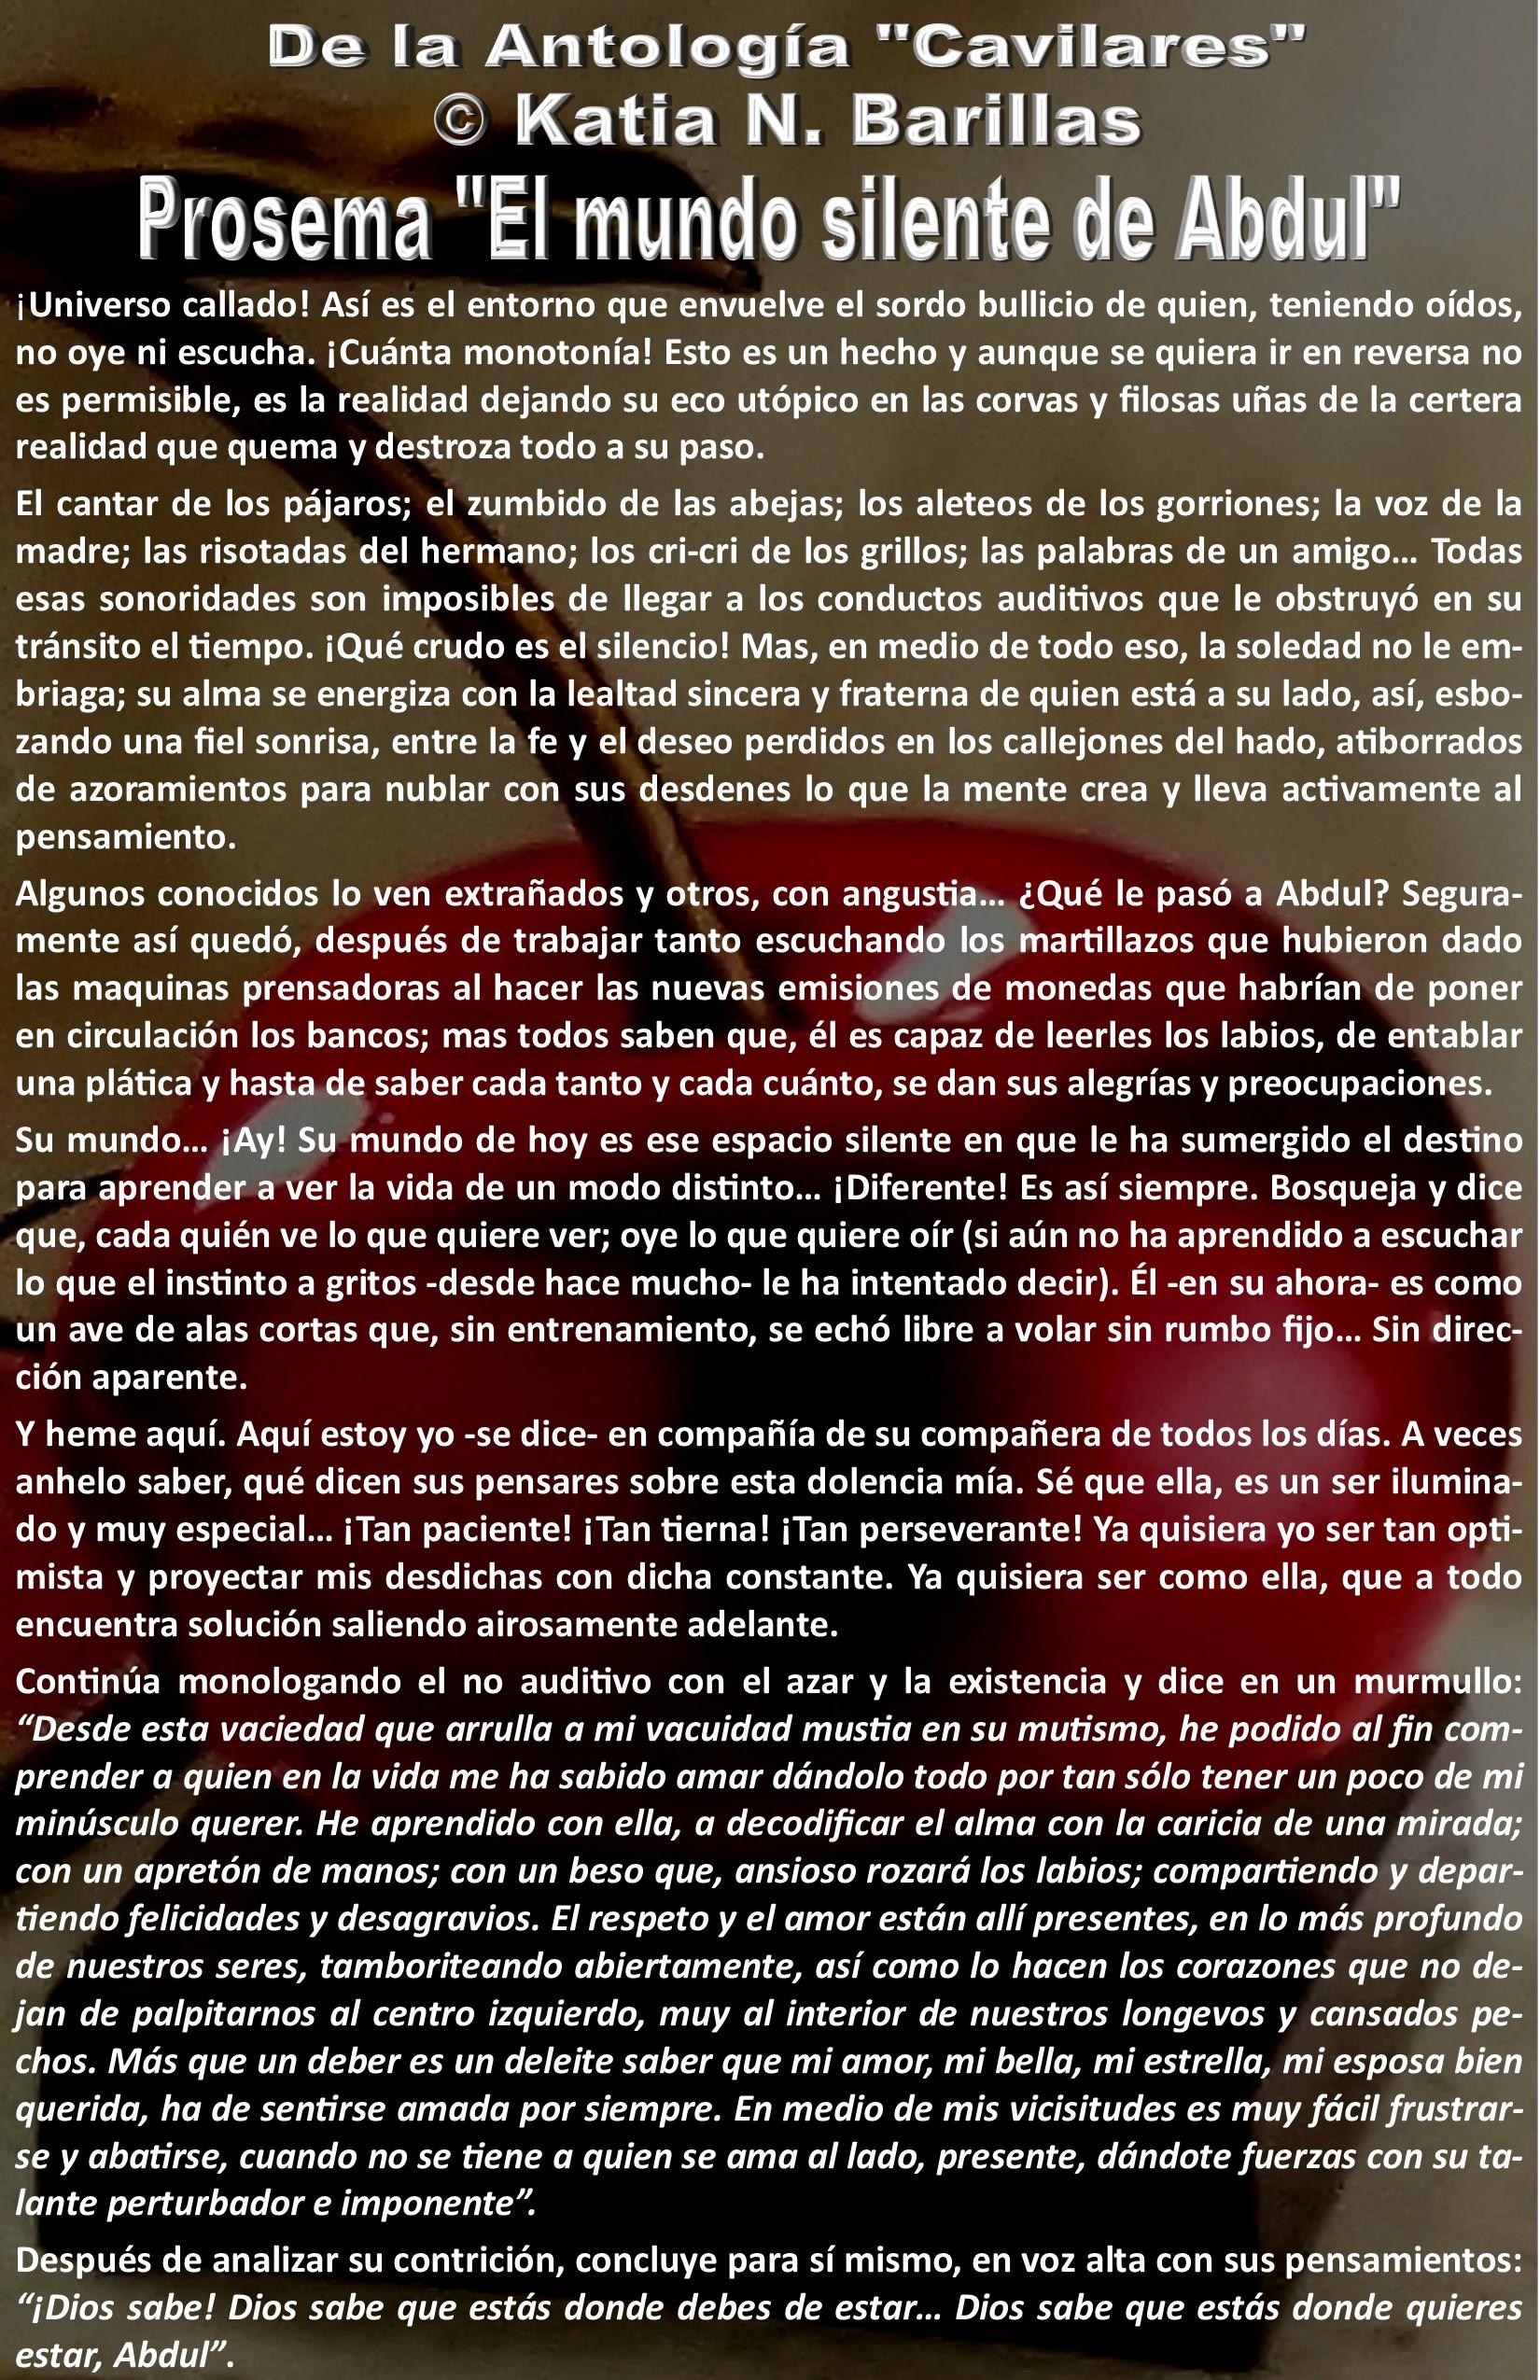 EL MUNDO SILENTE DE ABDUL.jpg